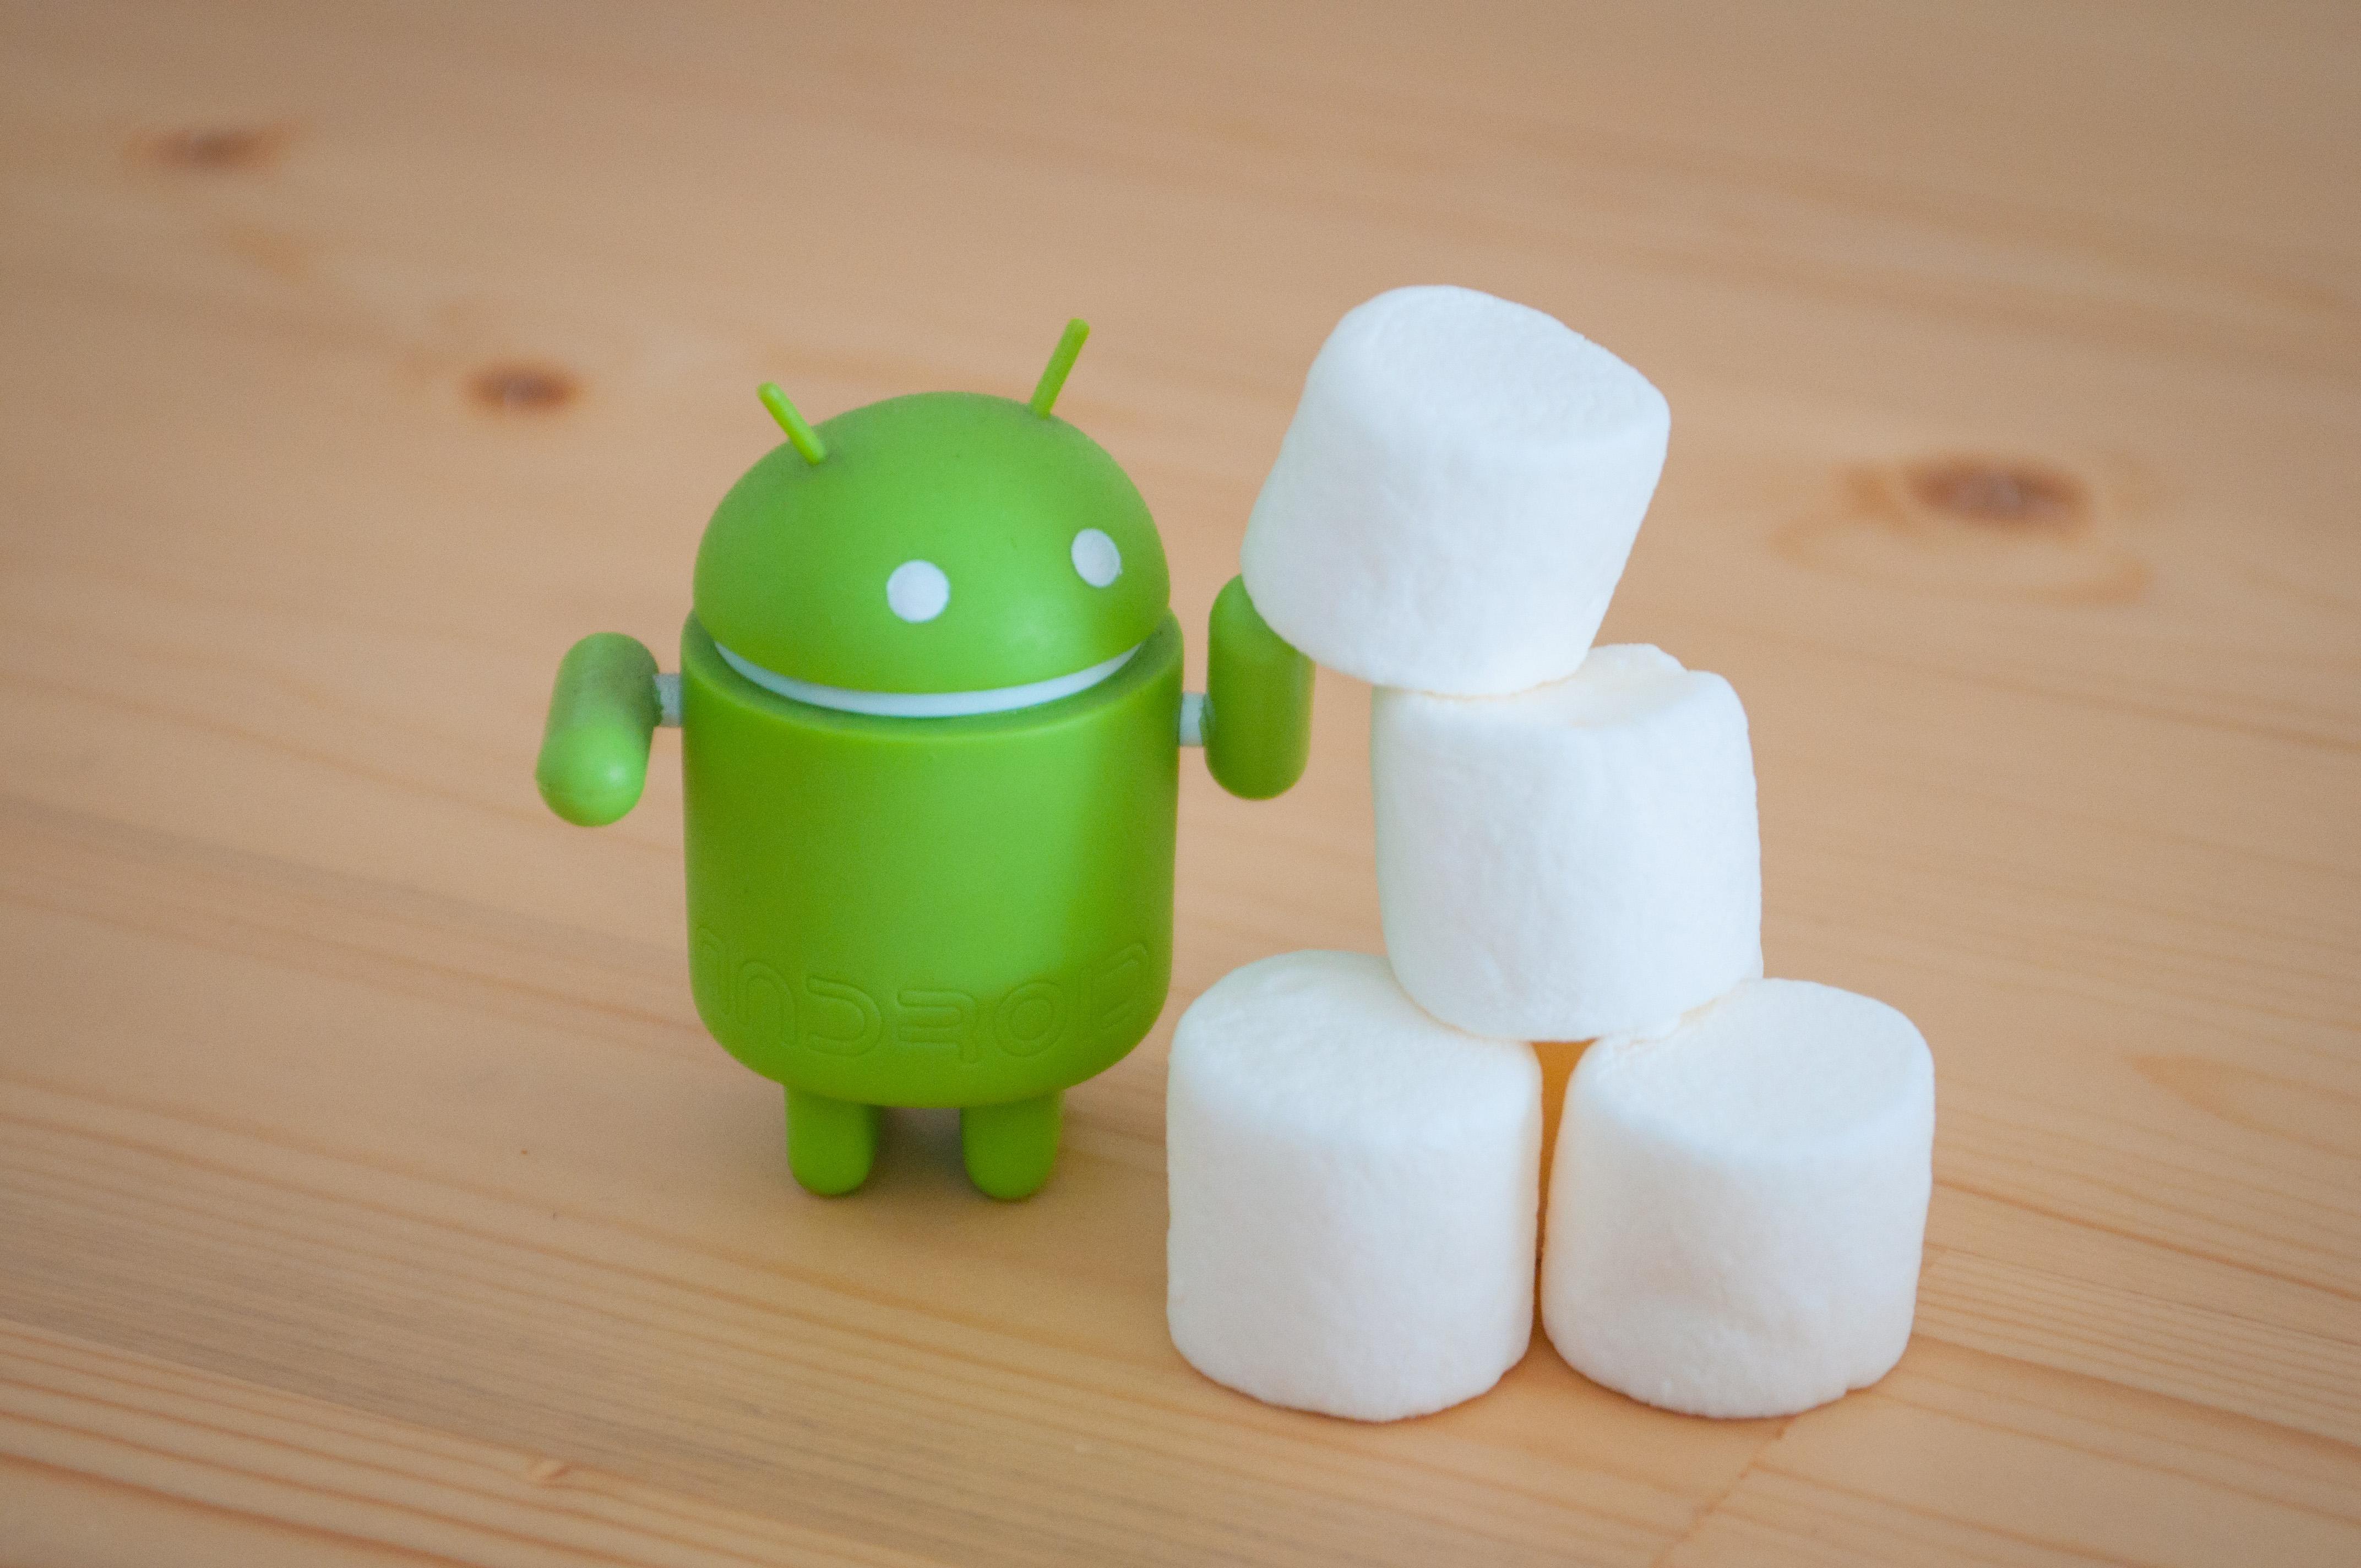 Android : la mise à jour Marshmallow a enfin dépassé les 10 % !